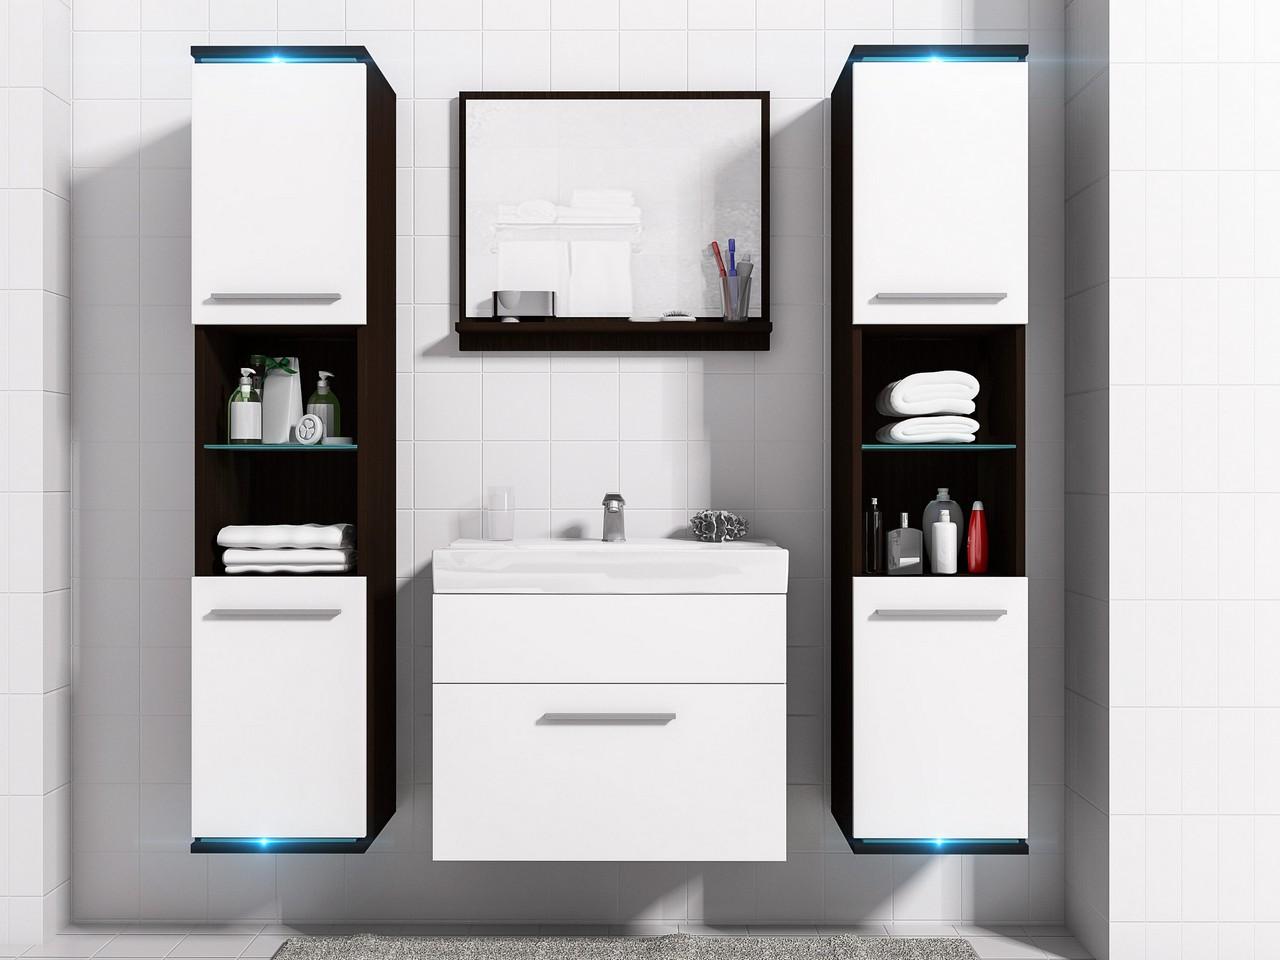 Moderný kúpeľňový nábytok DUO 5